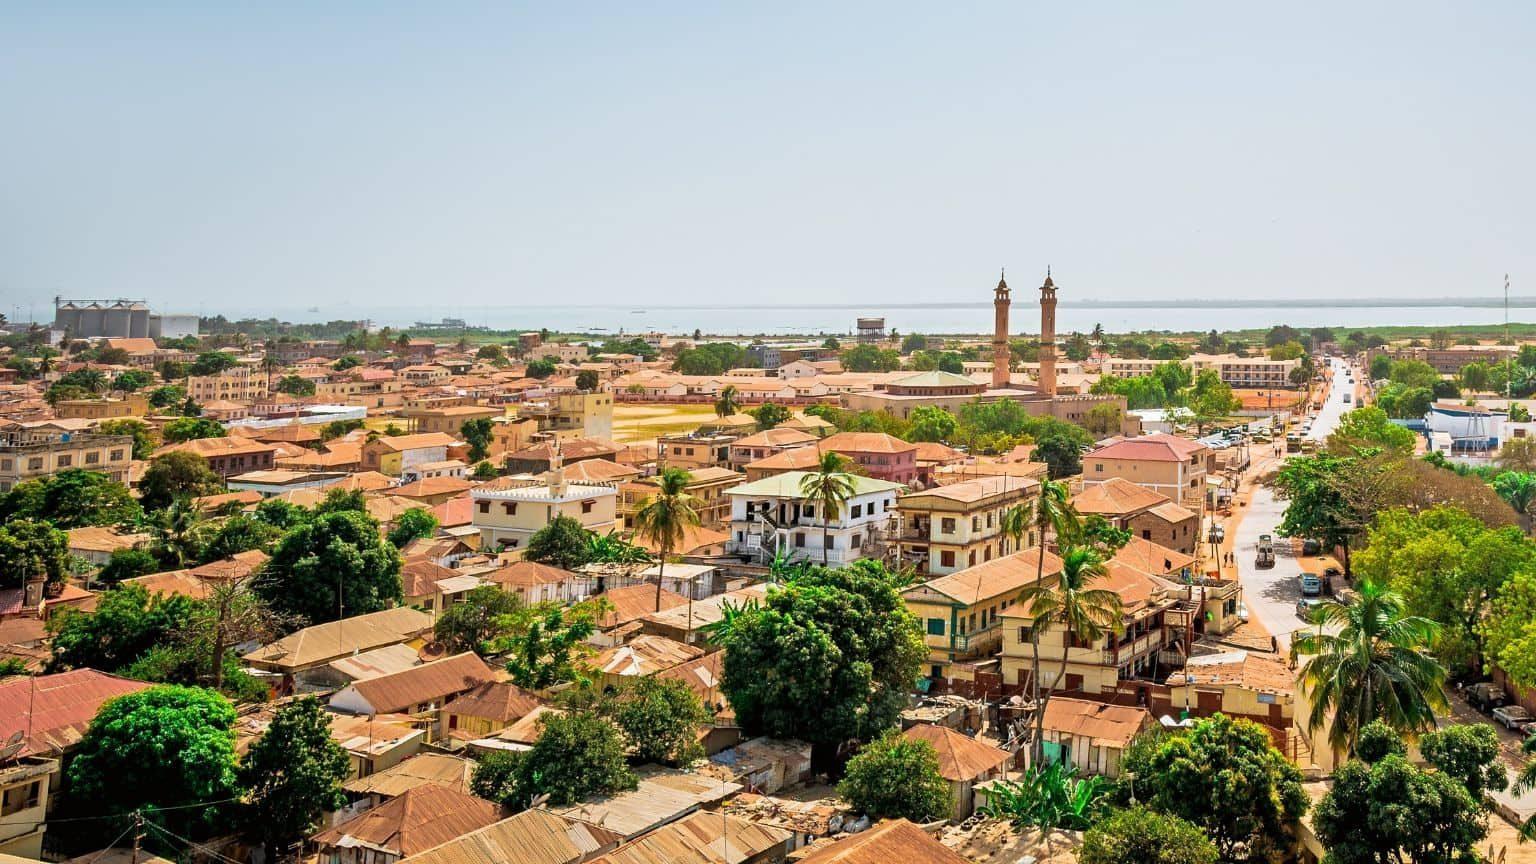 Banjul and Gambia River